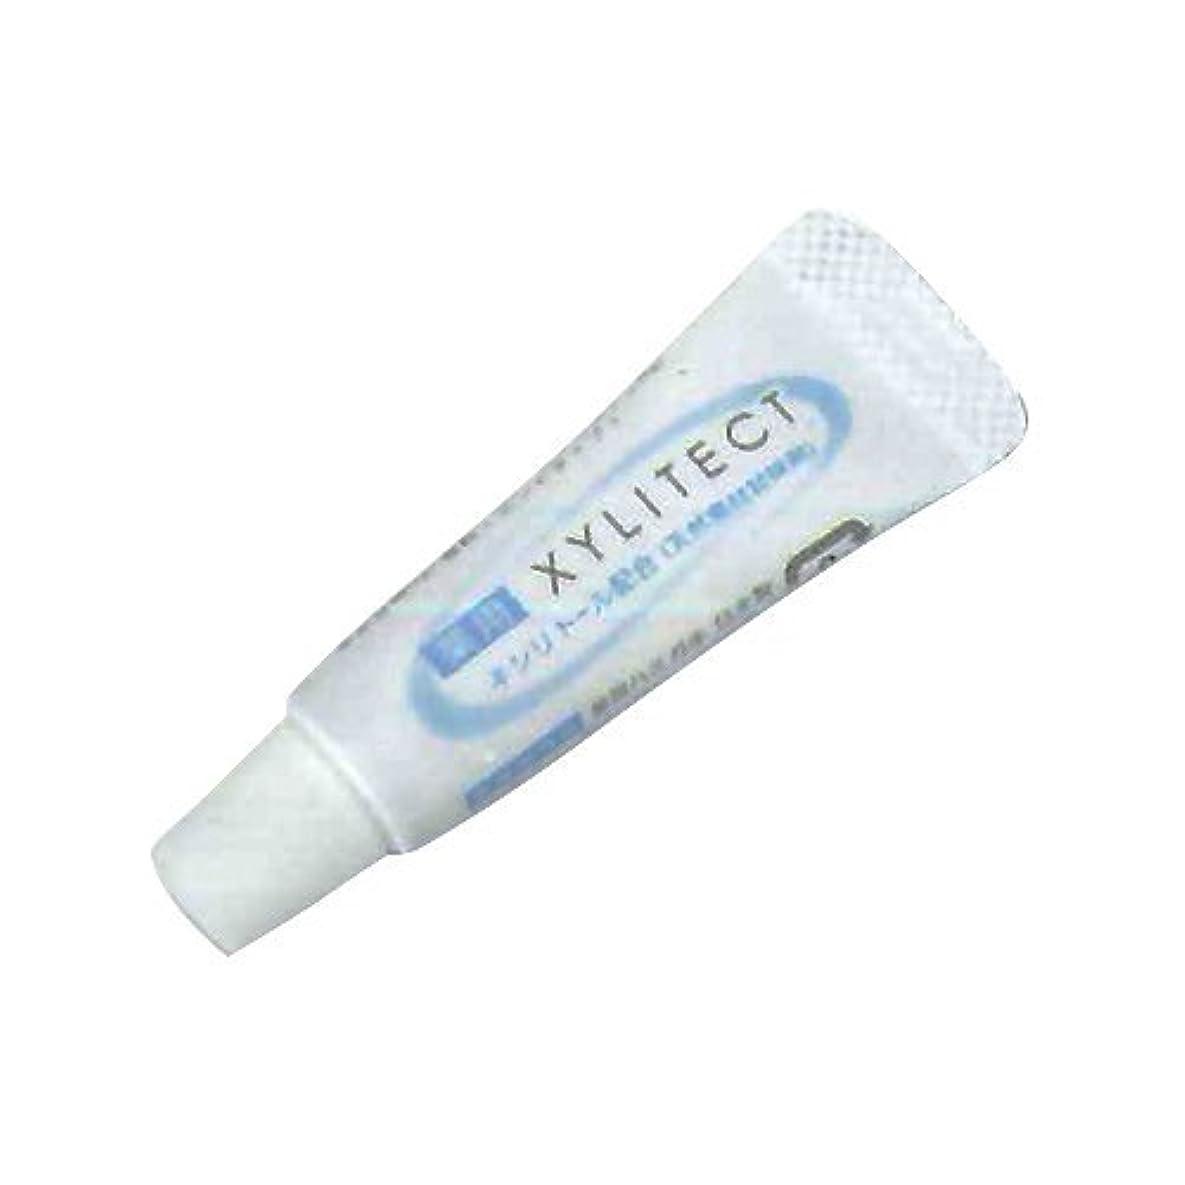 入力セットする上記の頭と肩業務用歯磨き粉 薬用キシリテクト (XYLITECT) 4.5g ×200個セット (個包装タイプ) | ホテルアメニティ ハミガキ toothpaste